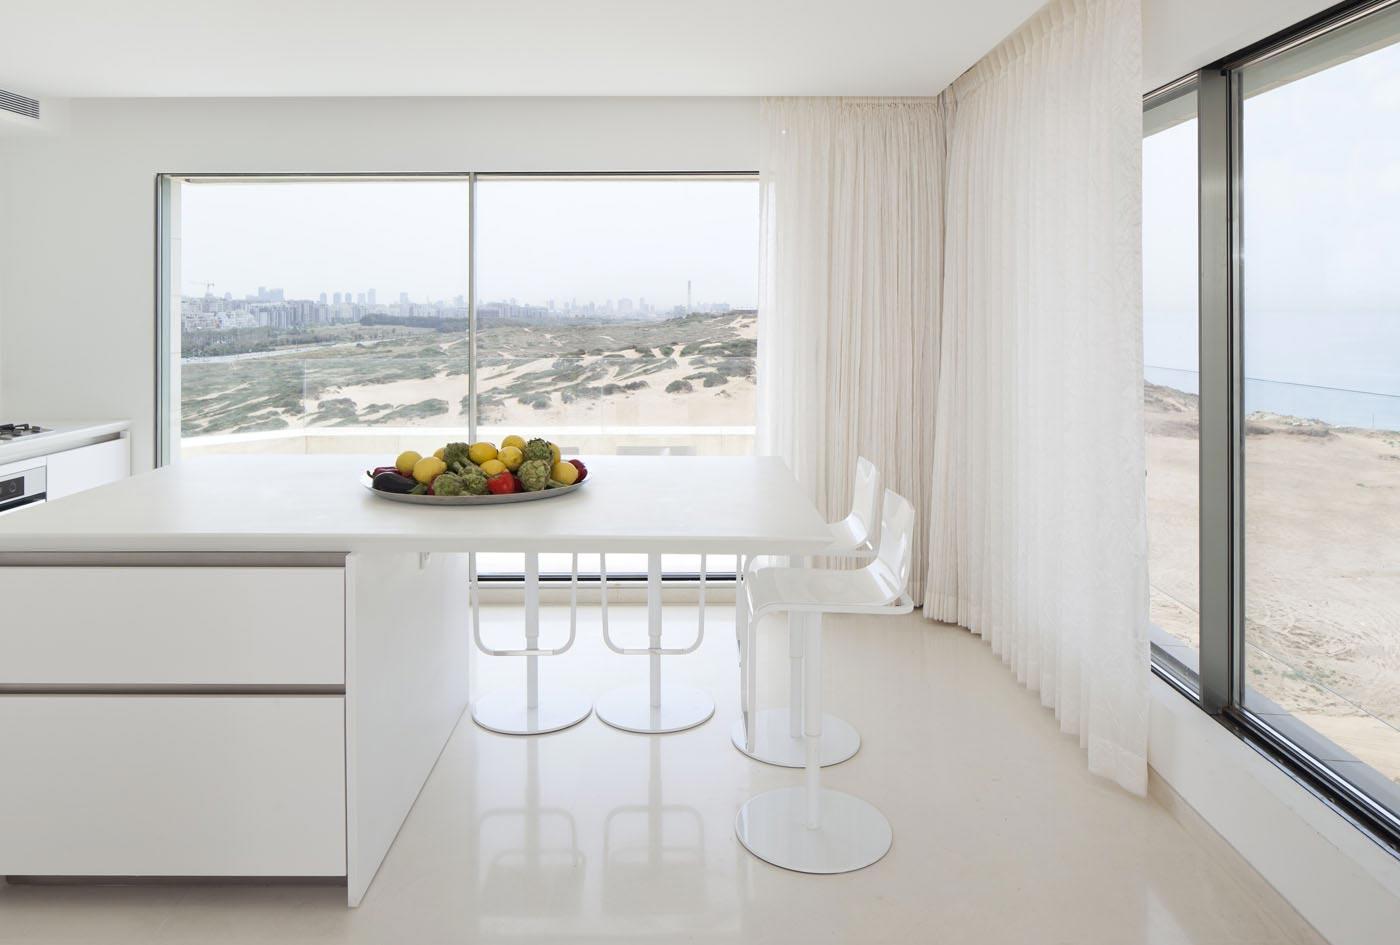 Consigli Per La Casa 6 consigli per rendere la casa più luminosa | in fissa per